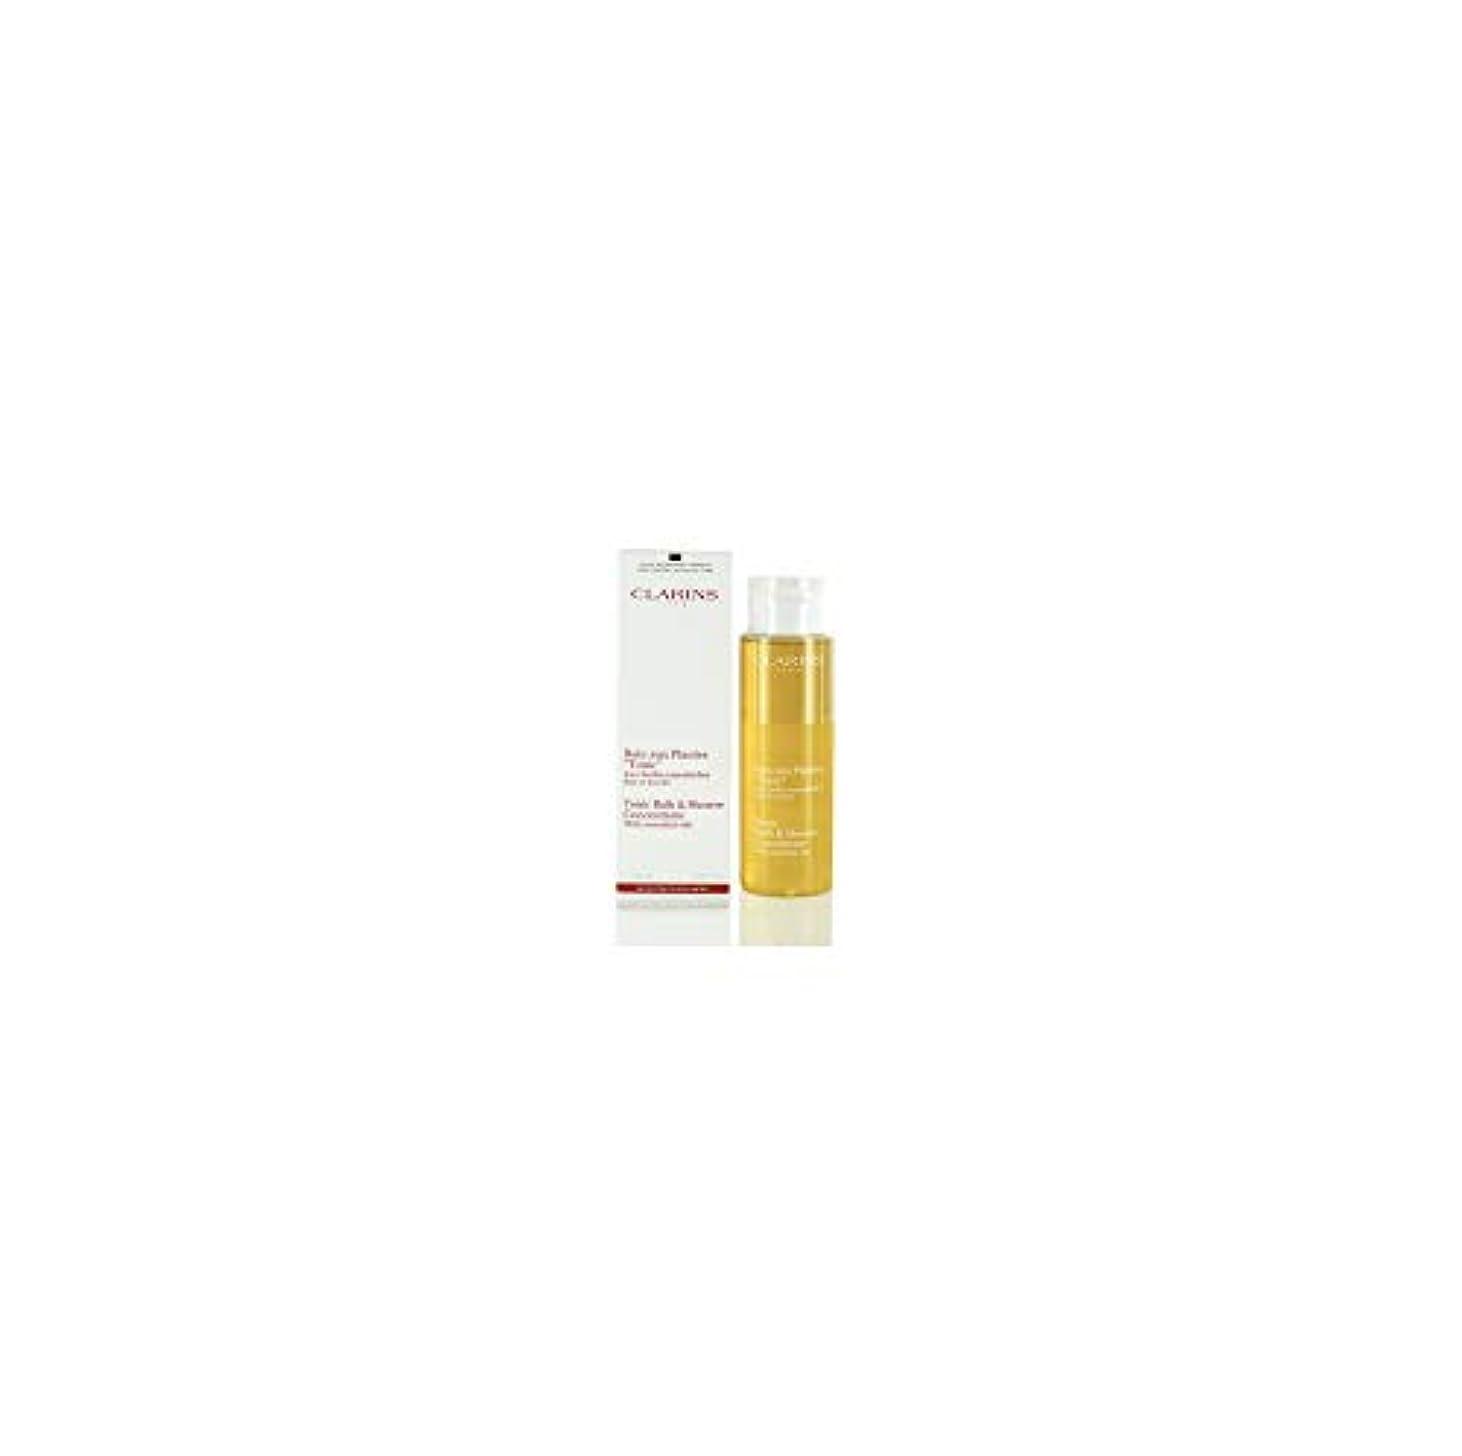 アサーリンクアサーClarins Tonic Bath and Shower Concentrate 200ml